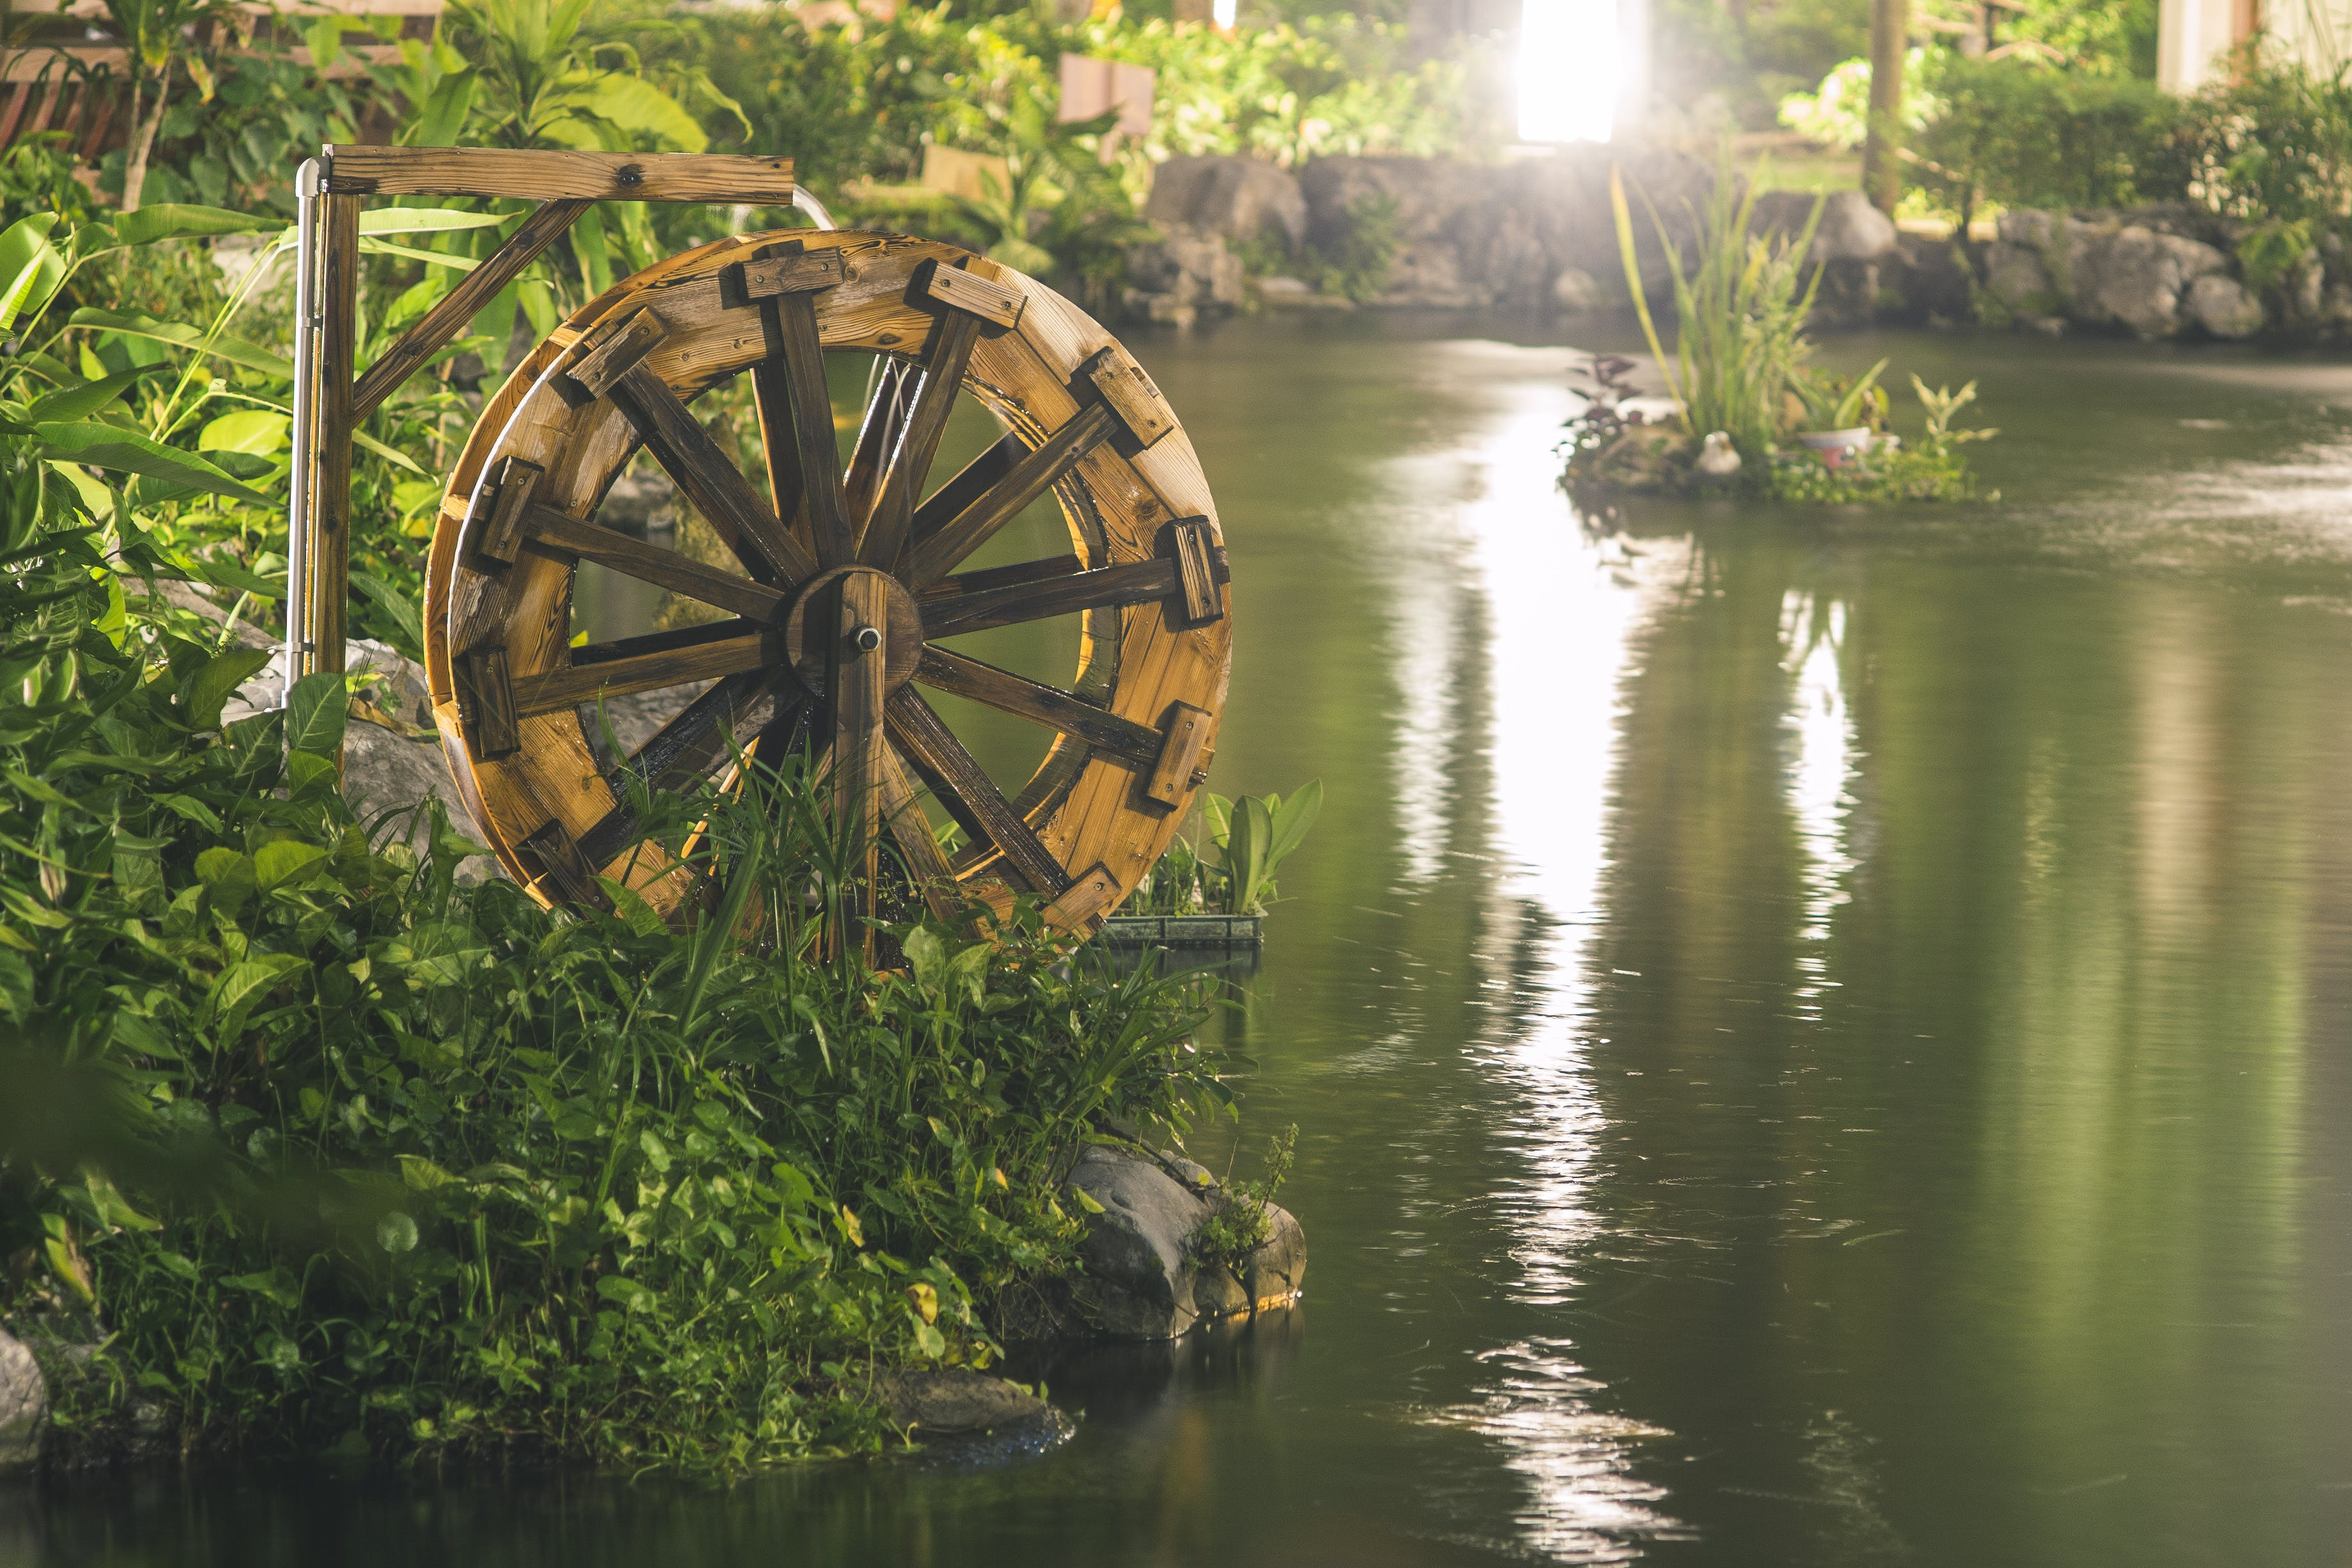 Foto d'estoc gratuïta de aigua, estany, roda, roda d'aigua